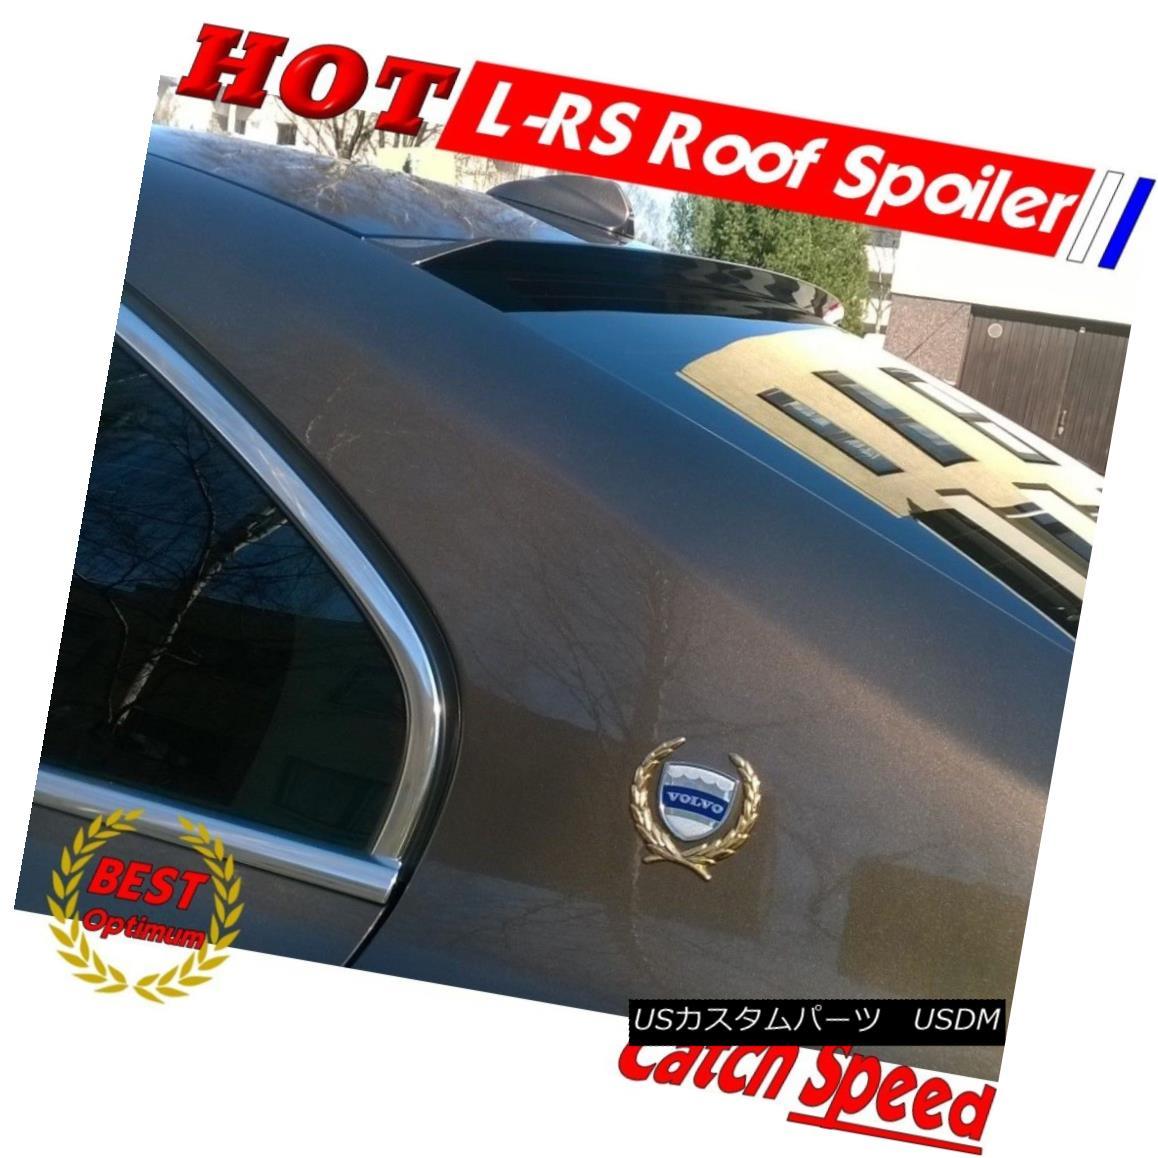 エアロパーツ Flat Black LRS Rear Roof Spoiler Wing For Ford Mustang GT-500 Coupe 2005-14 ? フォードMustang GT - 500クーペ2005-14のフラットブラックLRSリア屋根スポイラーウィング?